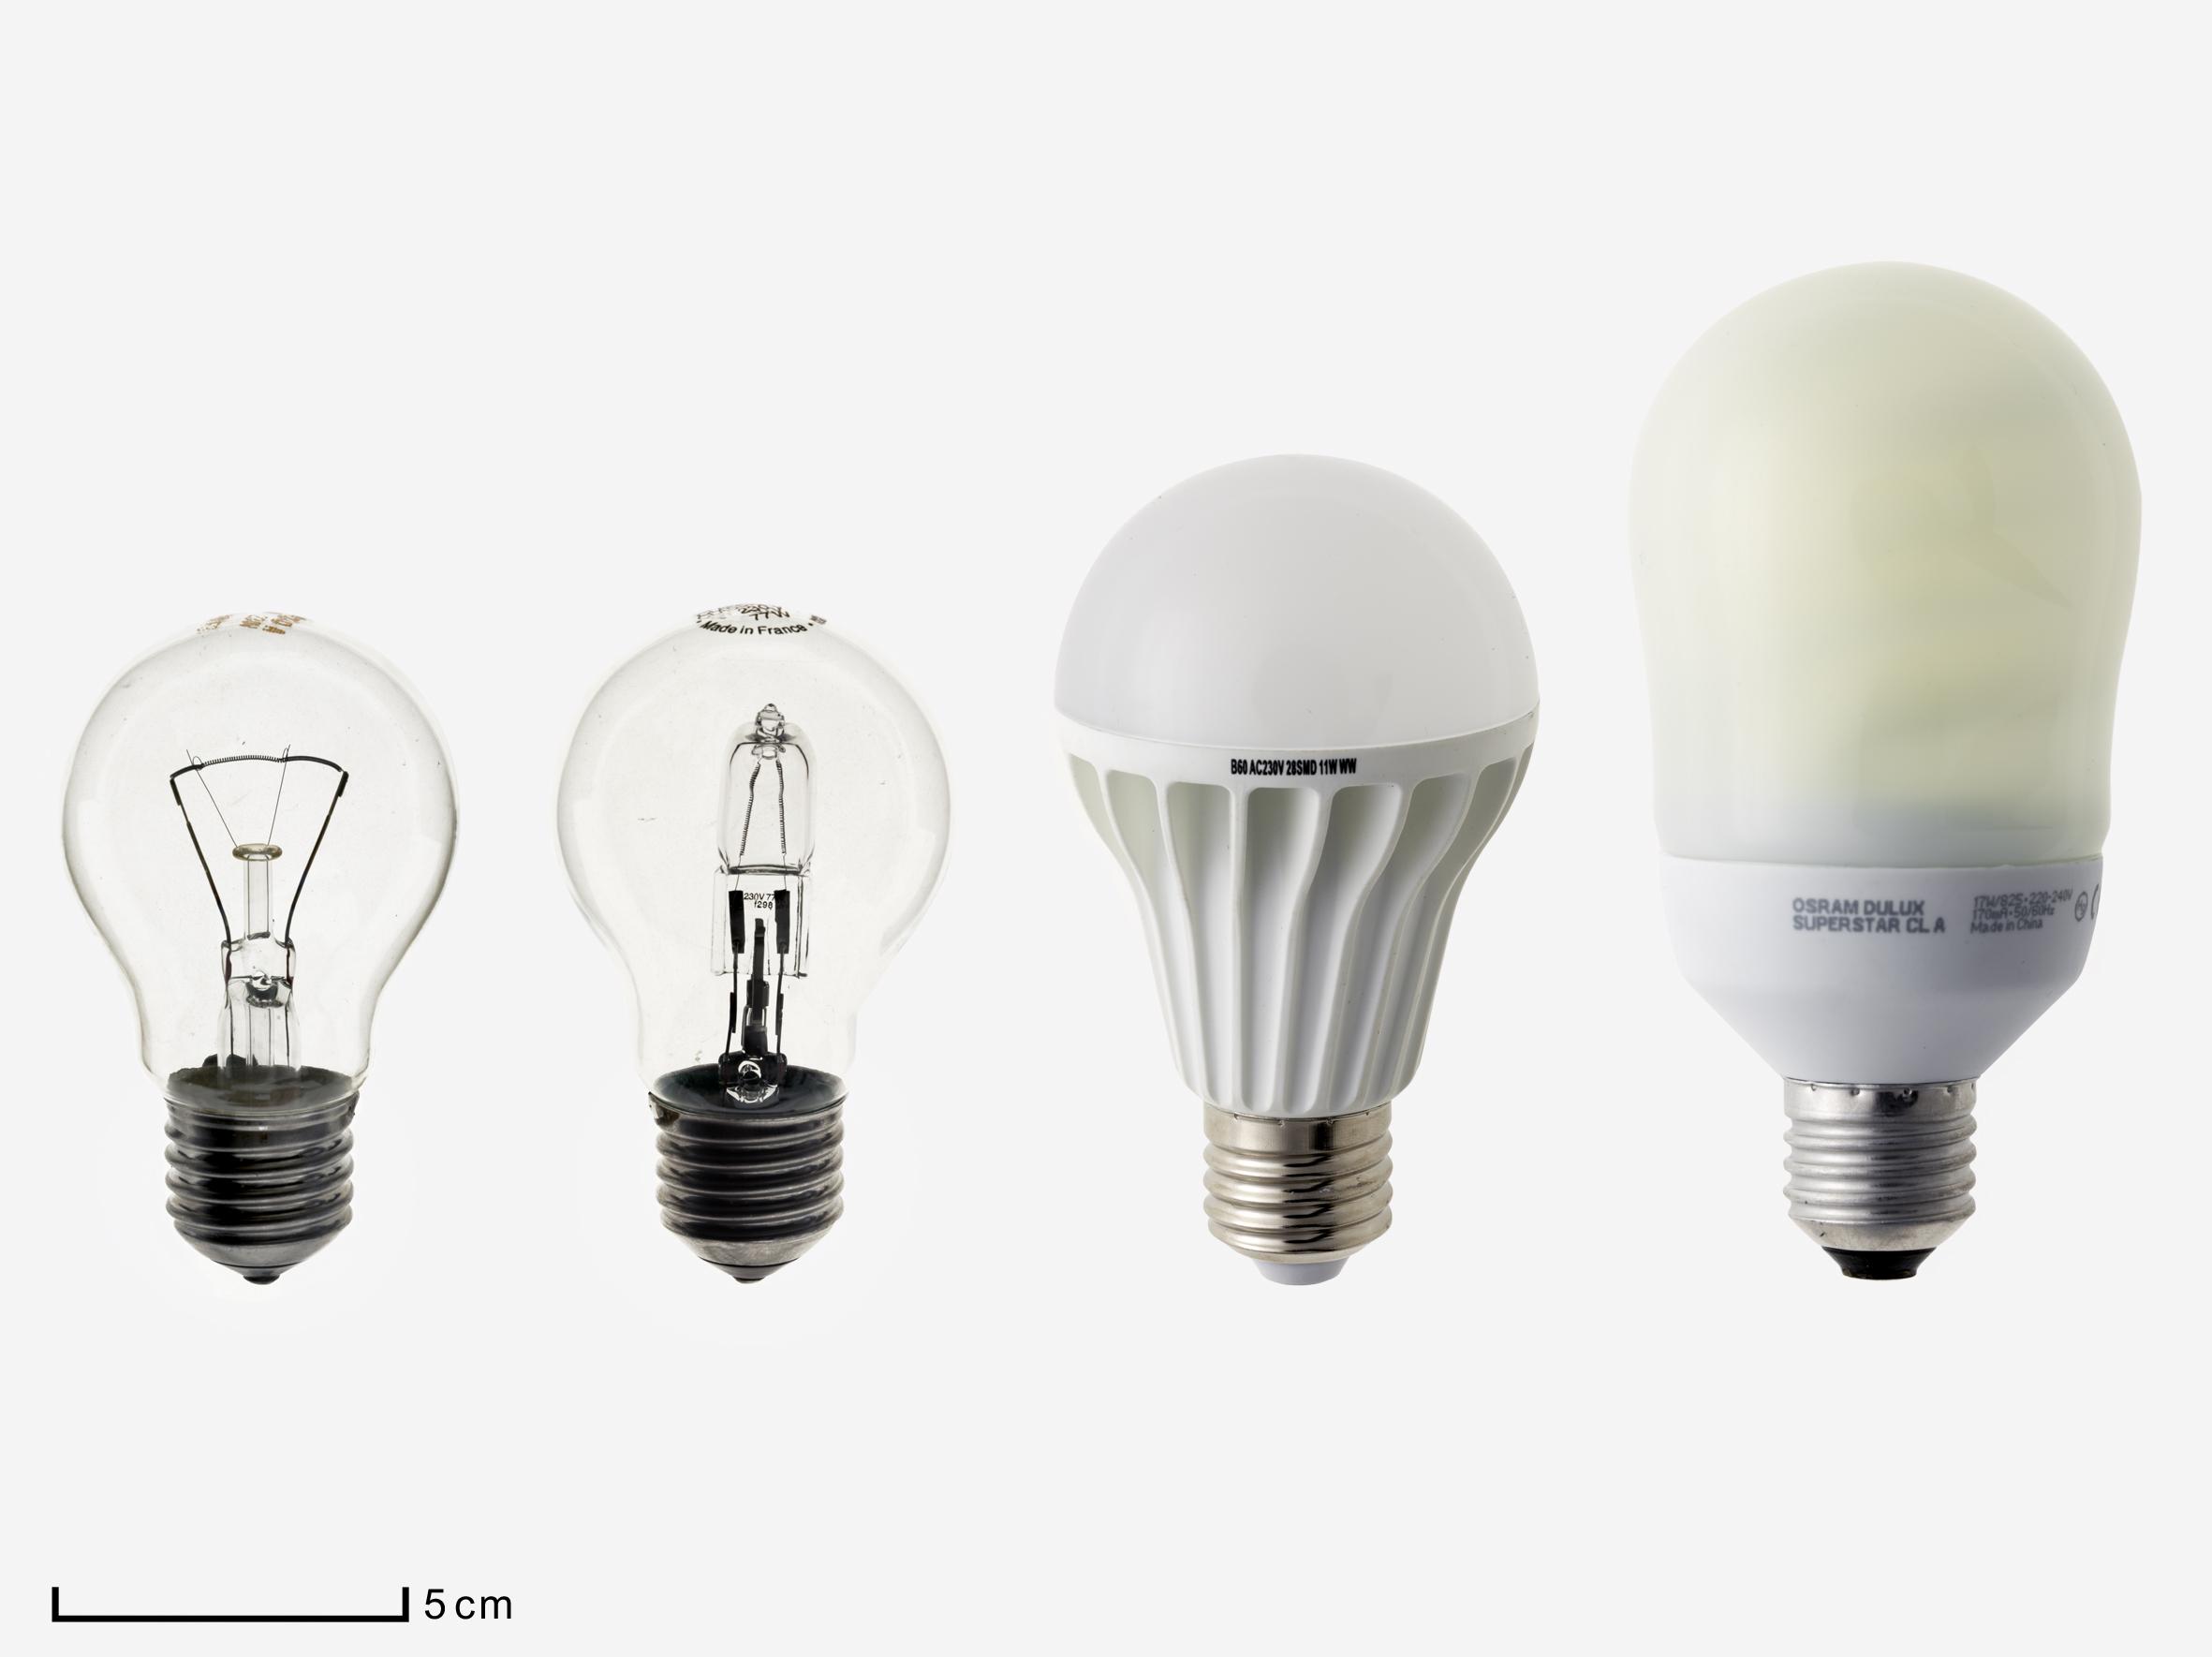 Lampes incandescence-tungstène, tungstène-halogène, fluo-compacte et à diodes électroluminescentes. © C2RMF/Anne Maigret